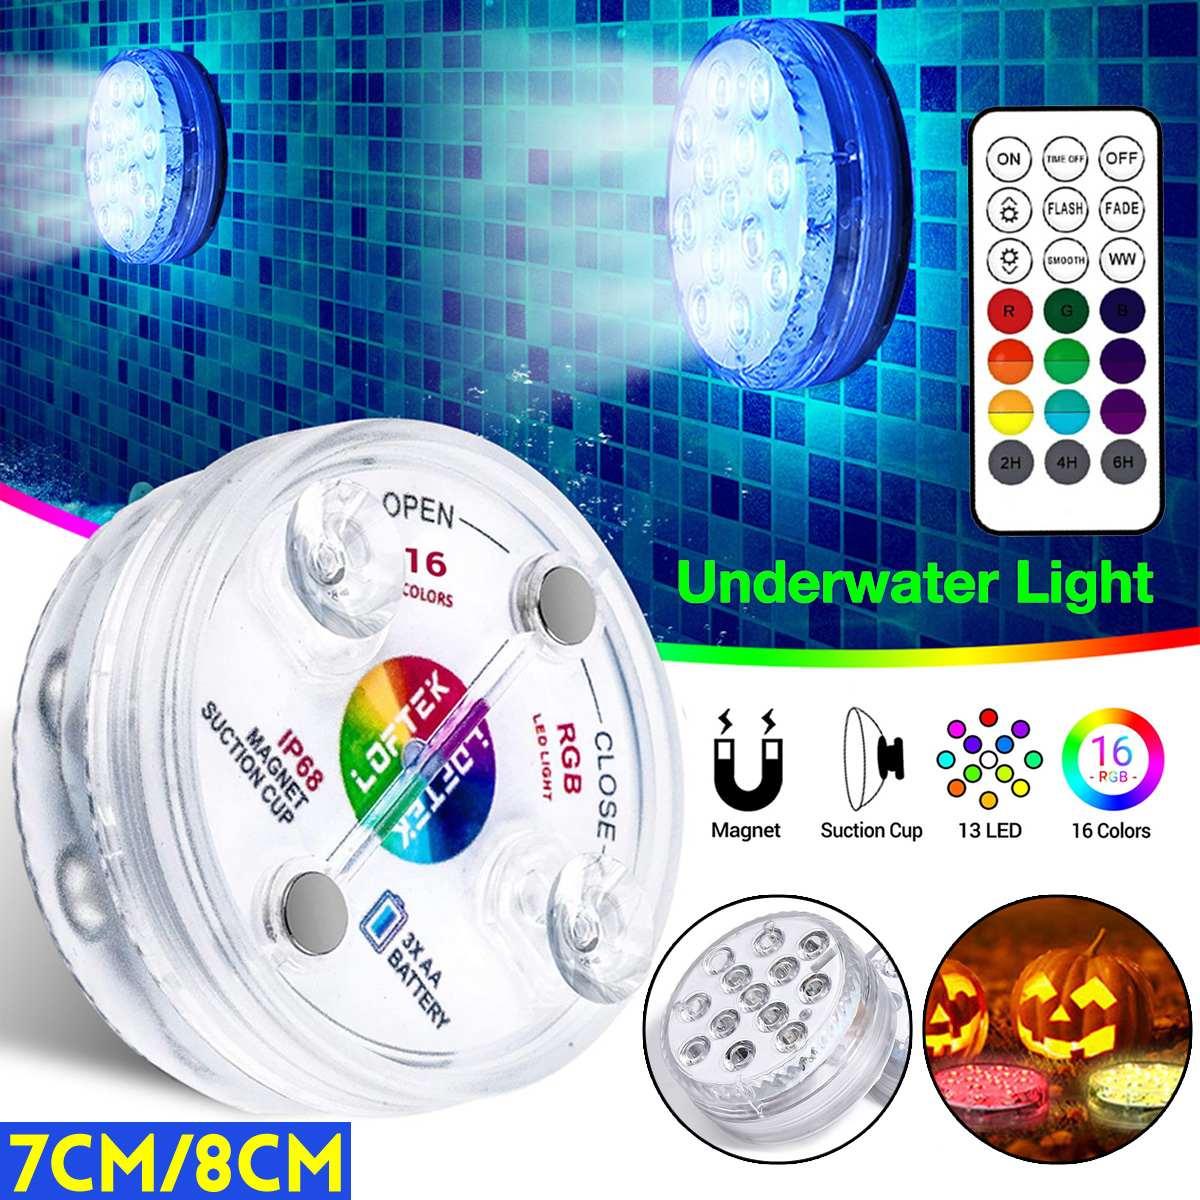 7cm/8cm 10/12/13 LED Sommergibile Ha Condotto Le Luci con Telecomando di Controllo, 16 colori Ha Condotto La Luce Subacquea Piscina Con La Tazza di Aspirazione